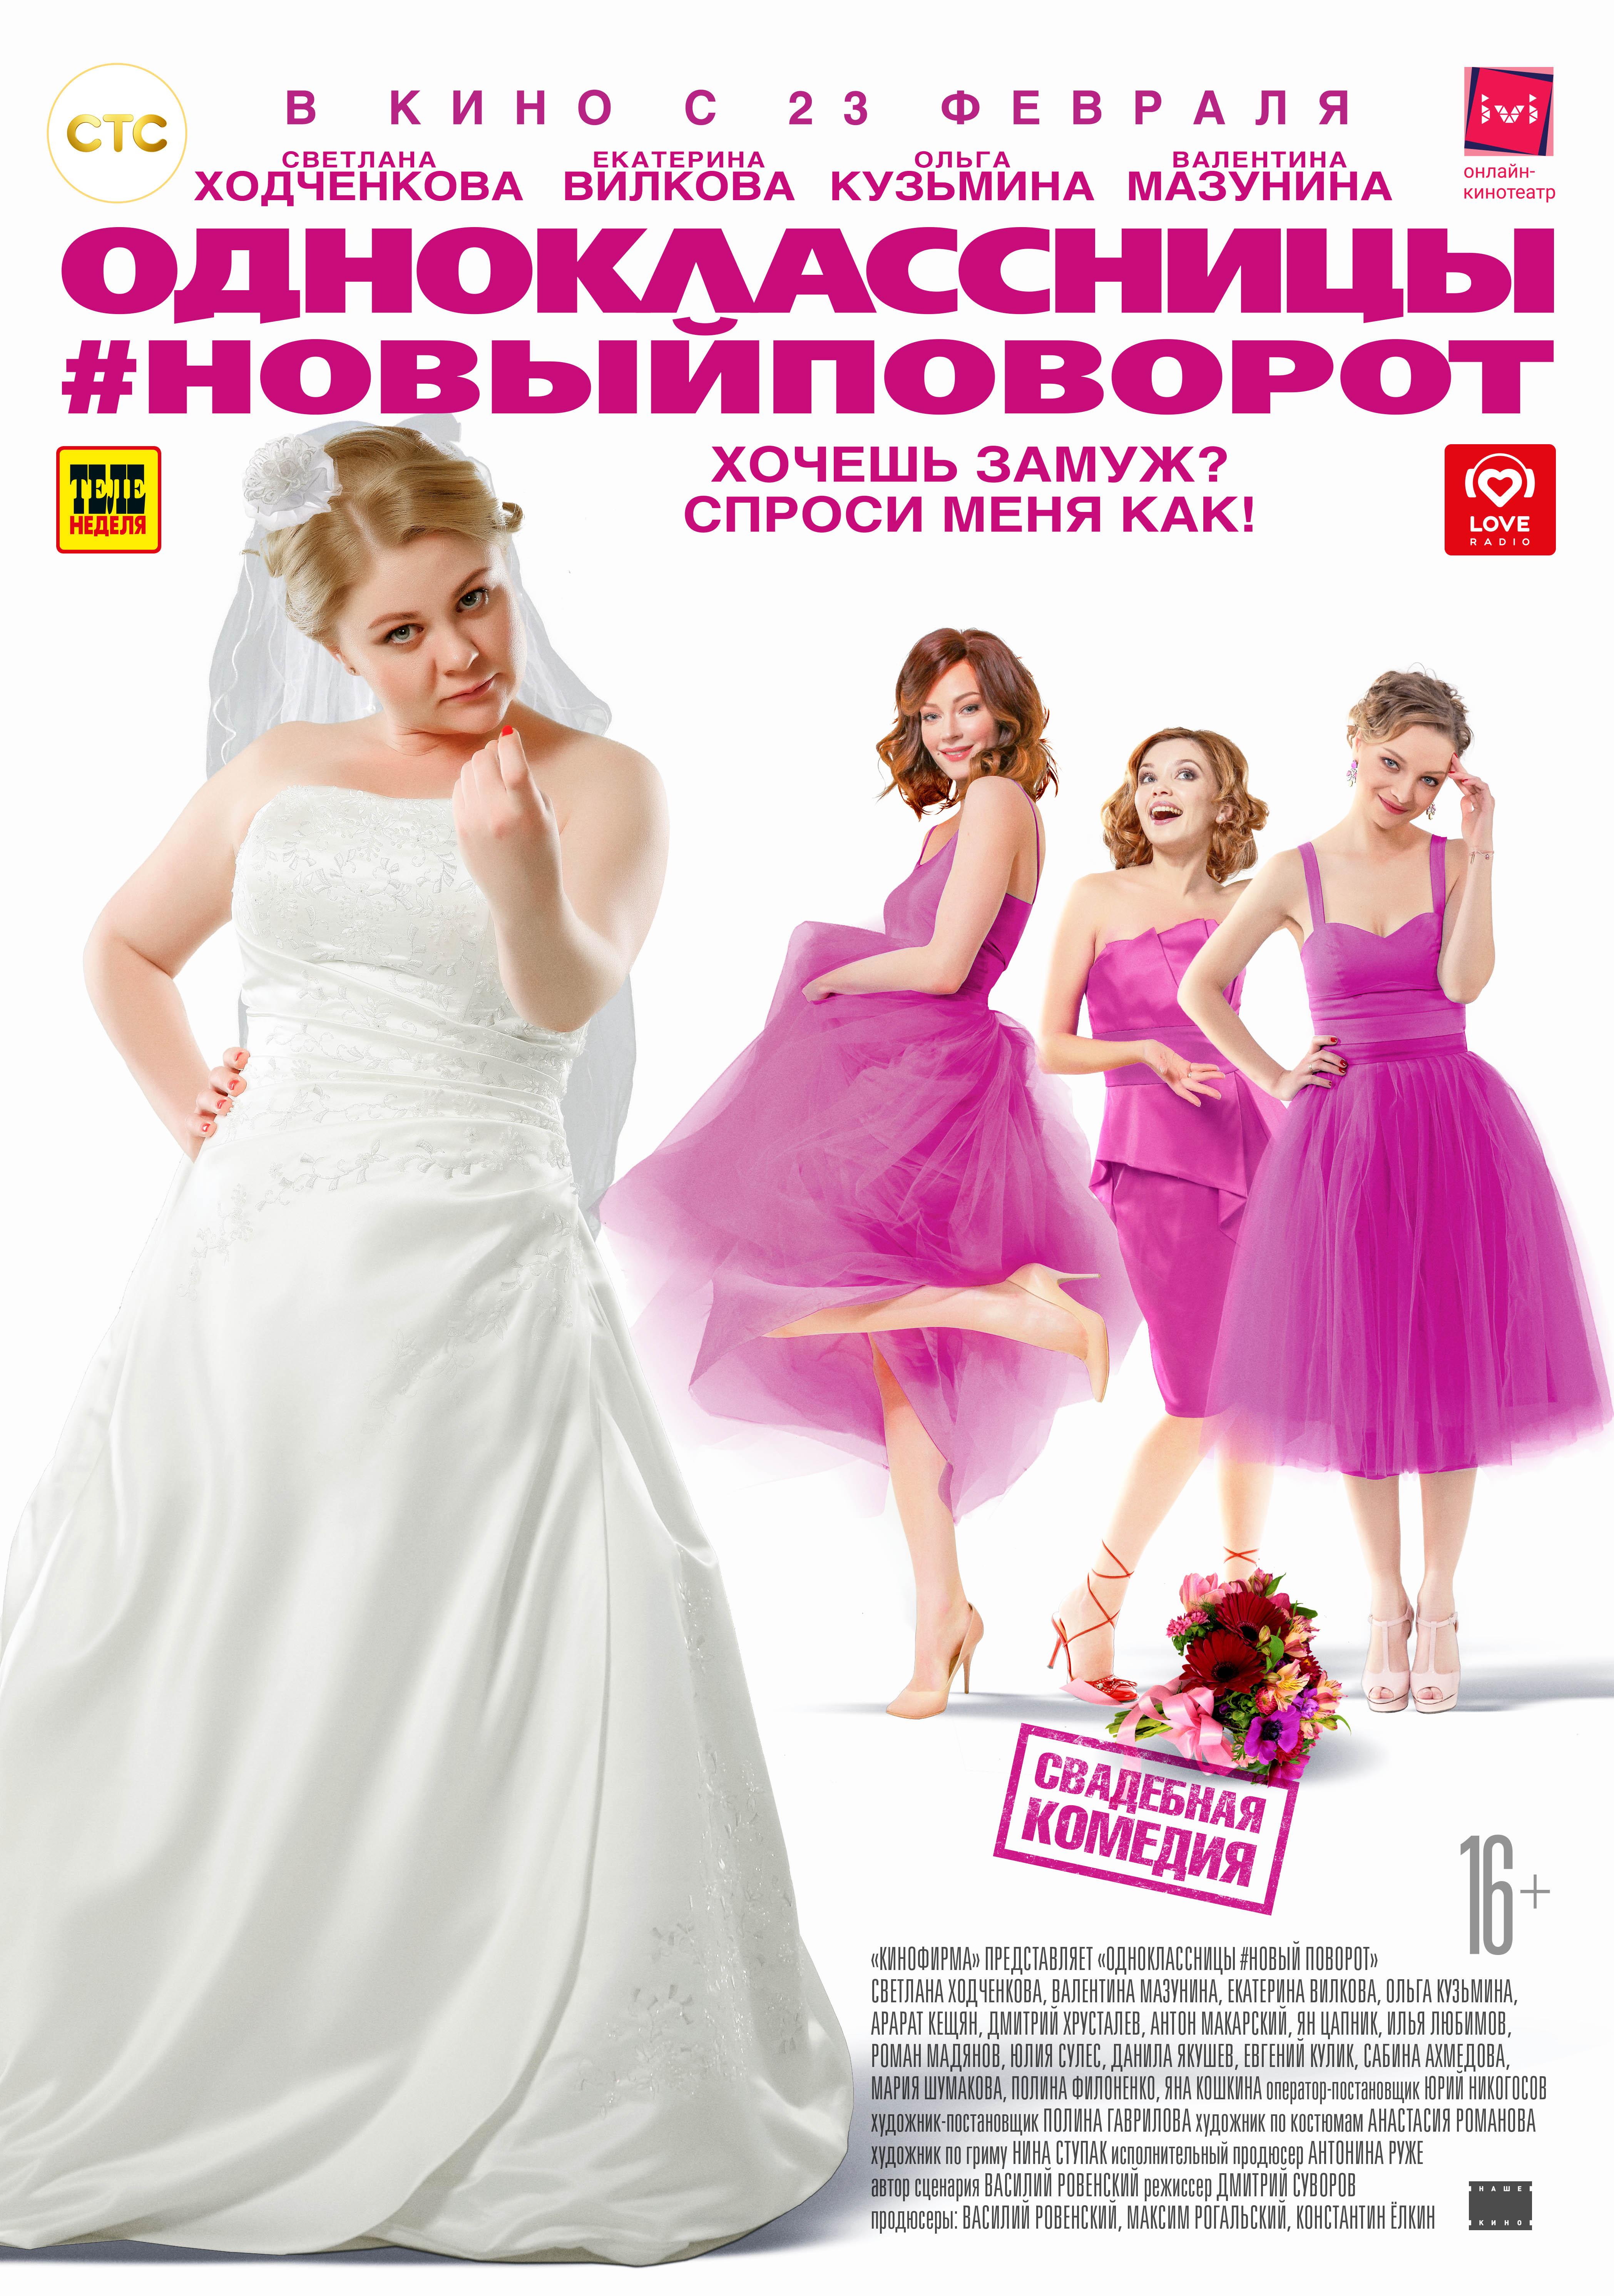 Одноклассницы 2016 смотреть онлайн фильм бесплатно в